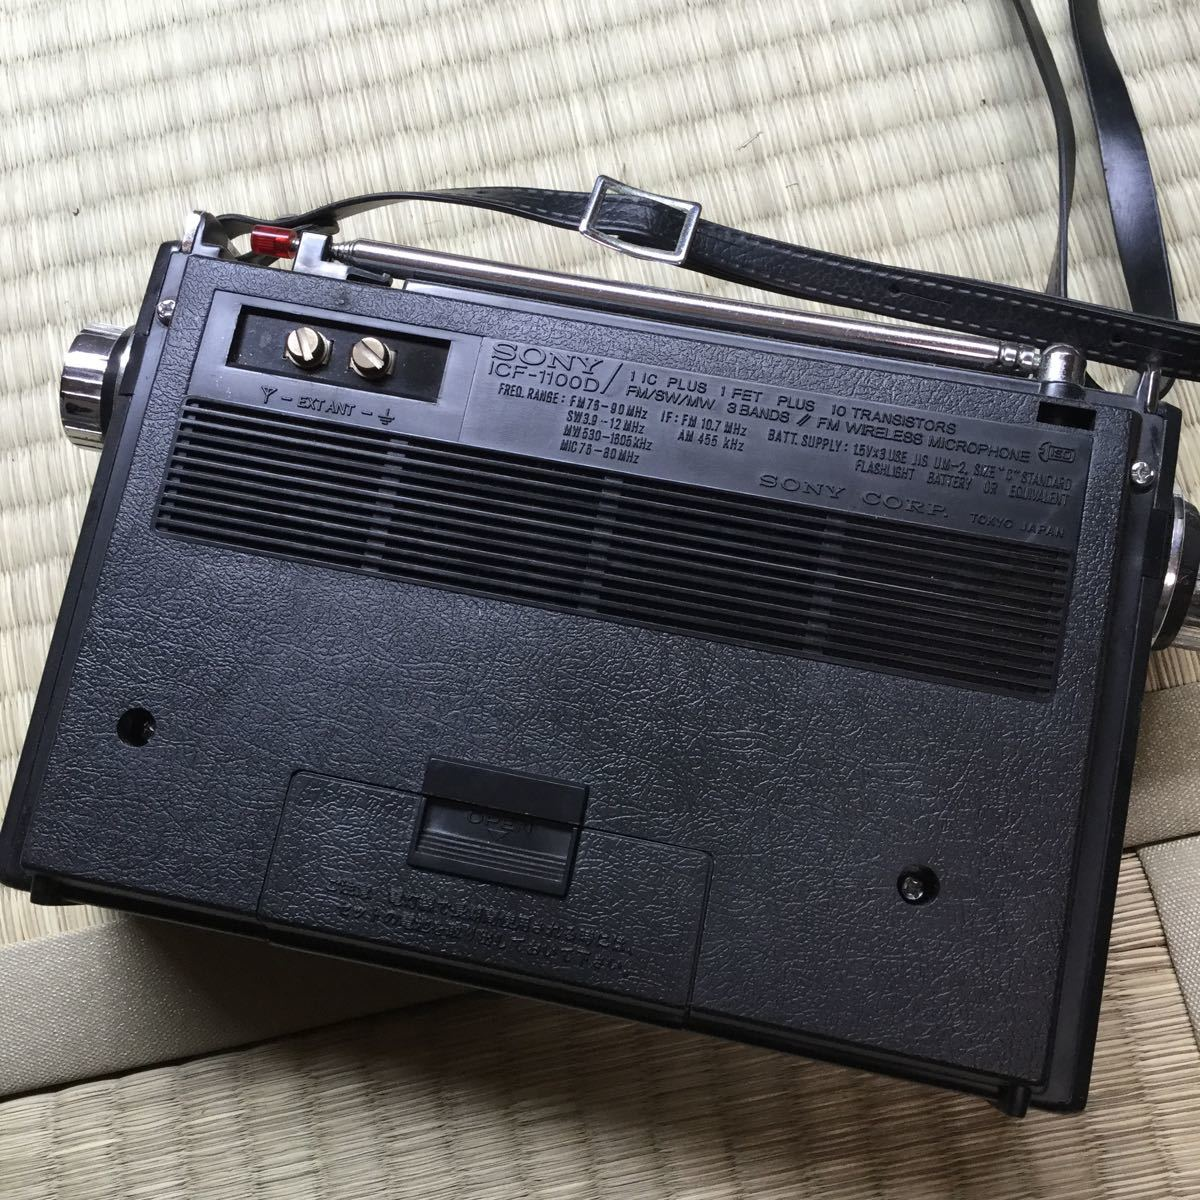 SONY ソニー ICF-1100D THE11D SW/MW/FM 3バンド ラジオ ジャンク_画像5